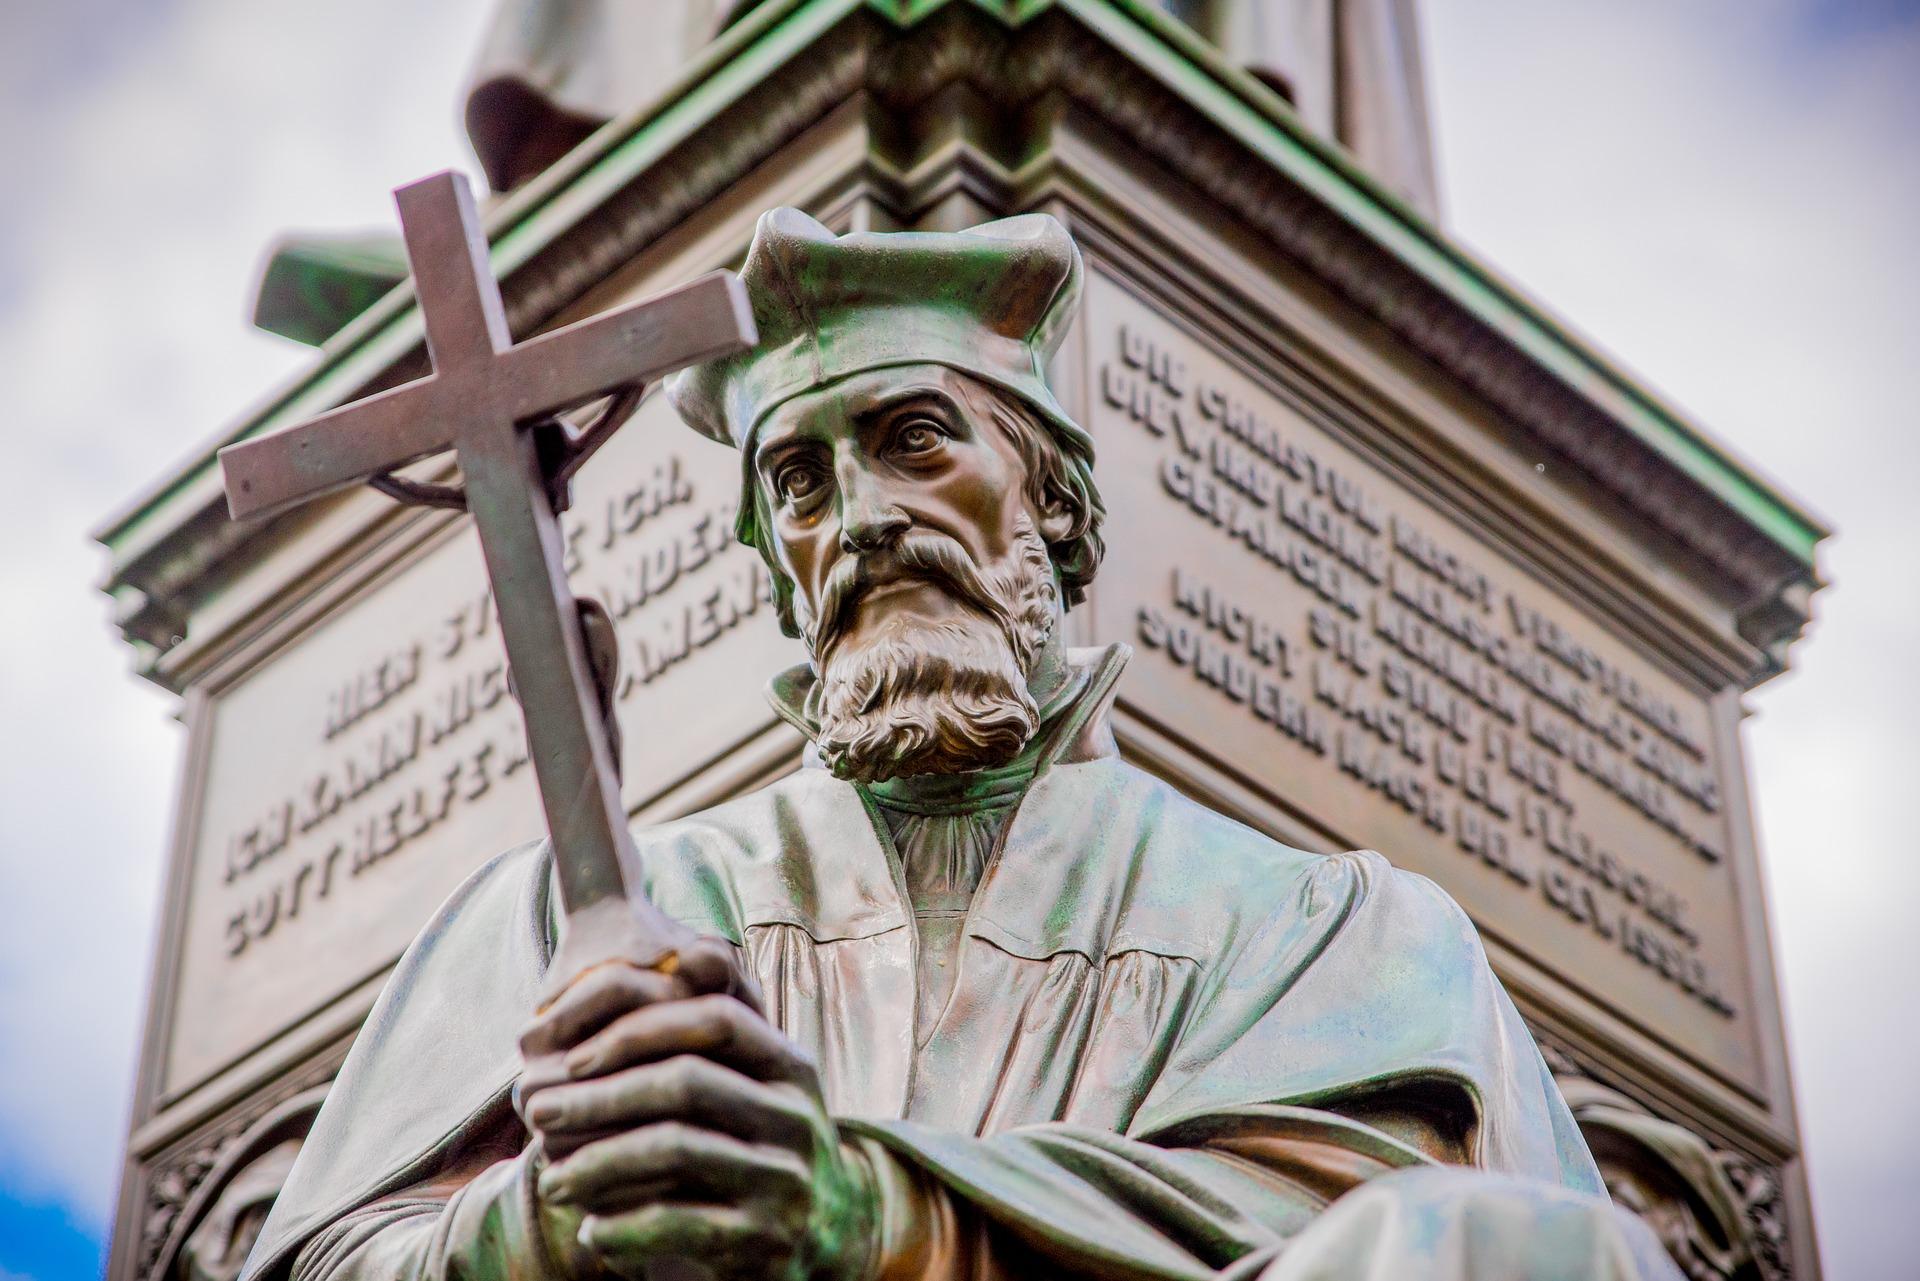 Německo Worms, socha Jana Husa na památníku Martina Luthera